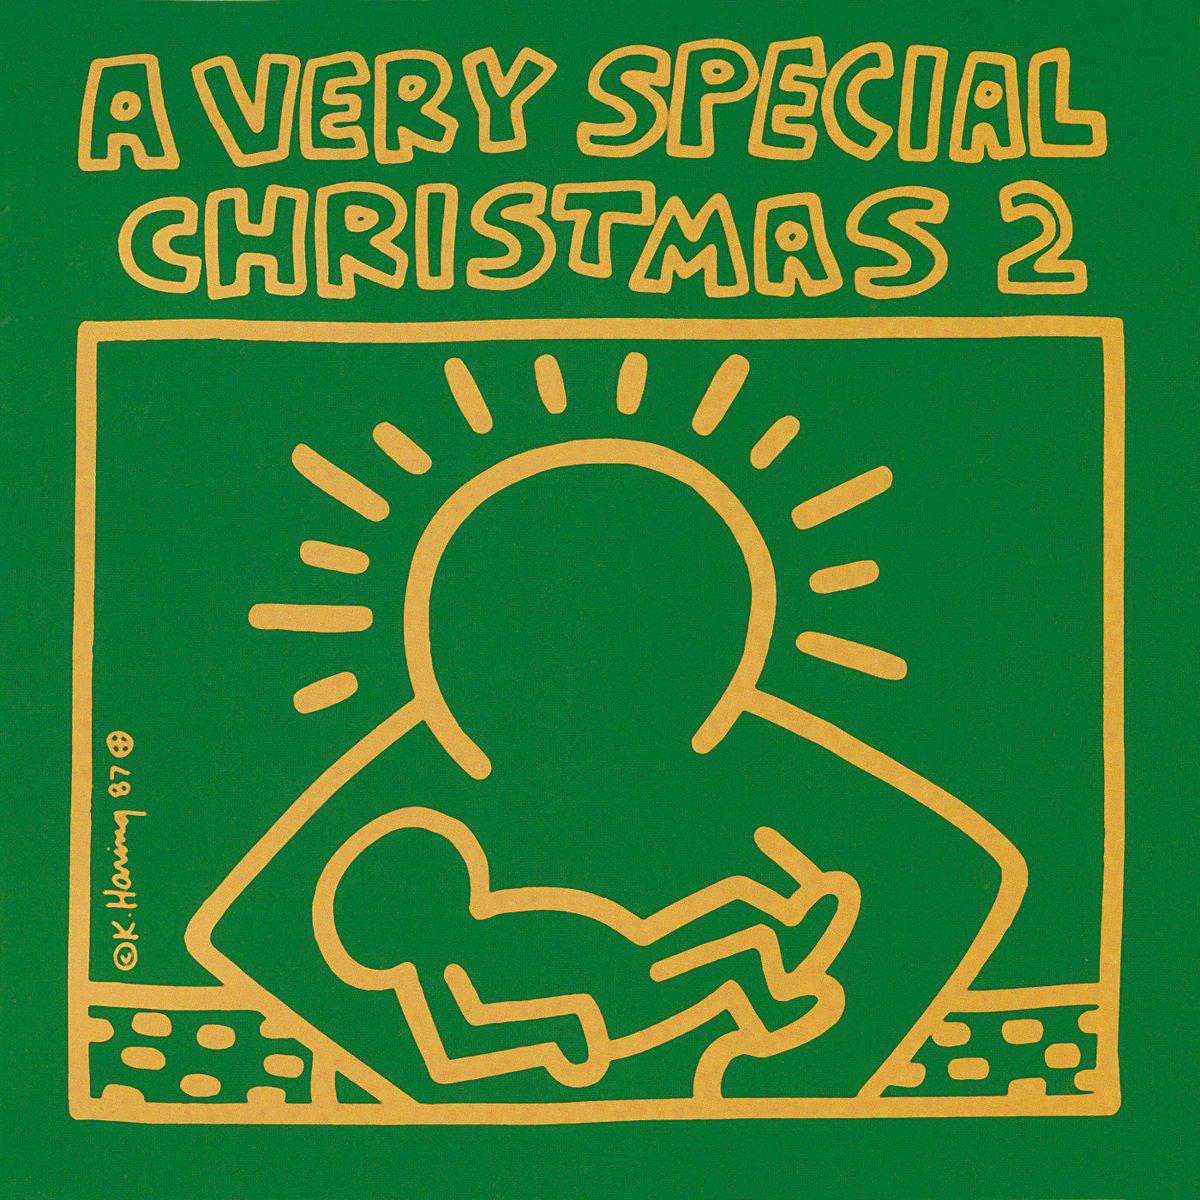 A Very Special Christmas 2 by Umgd/A&M